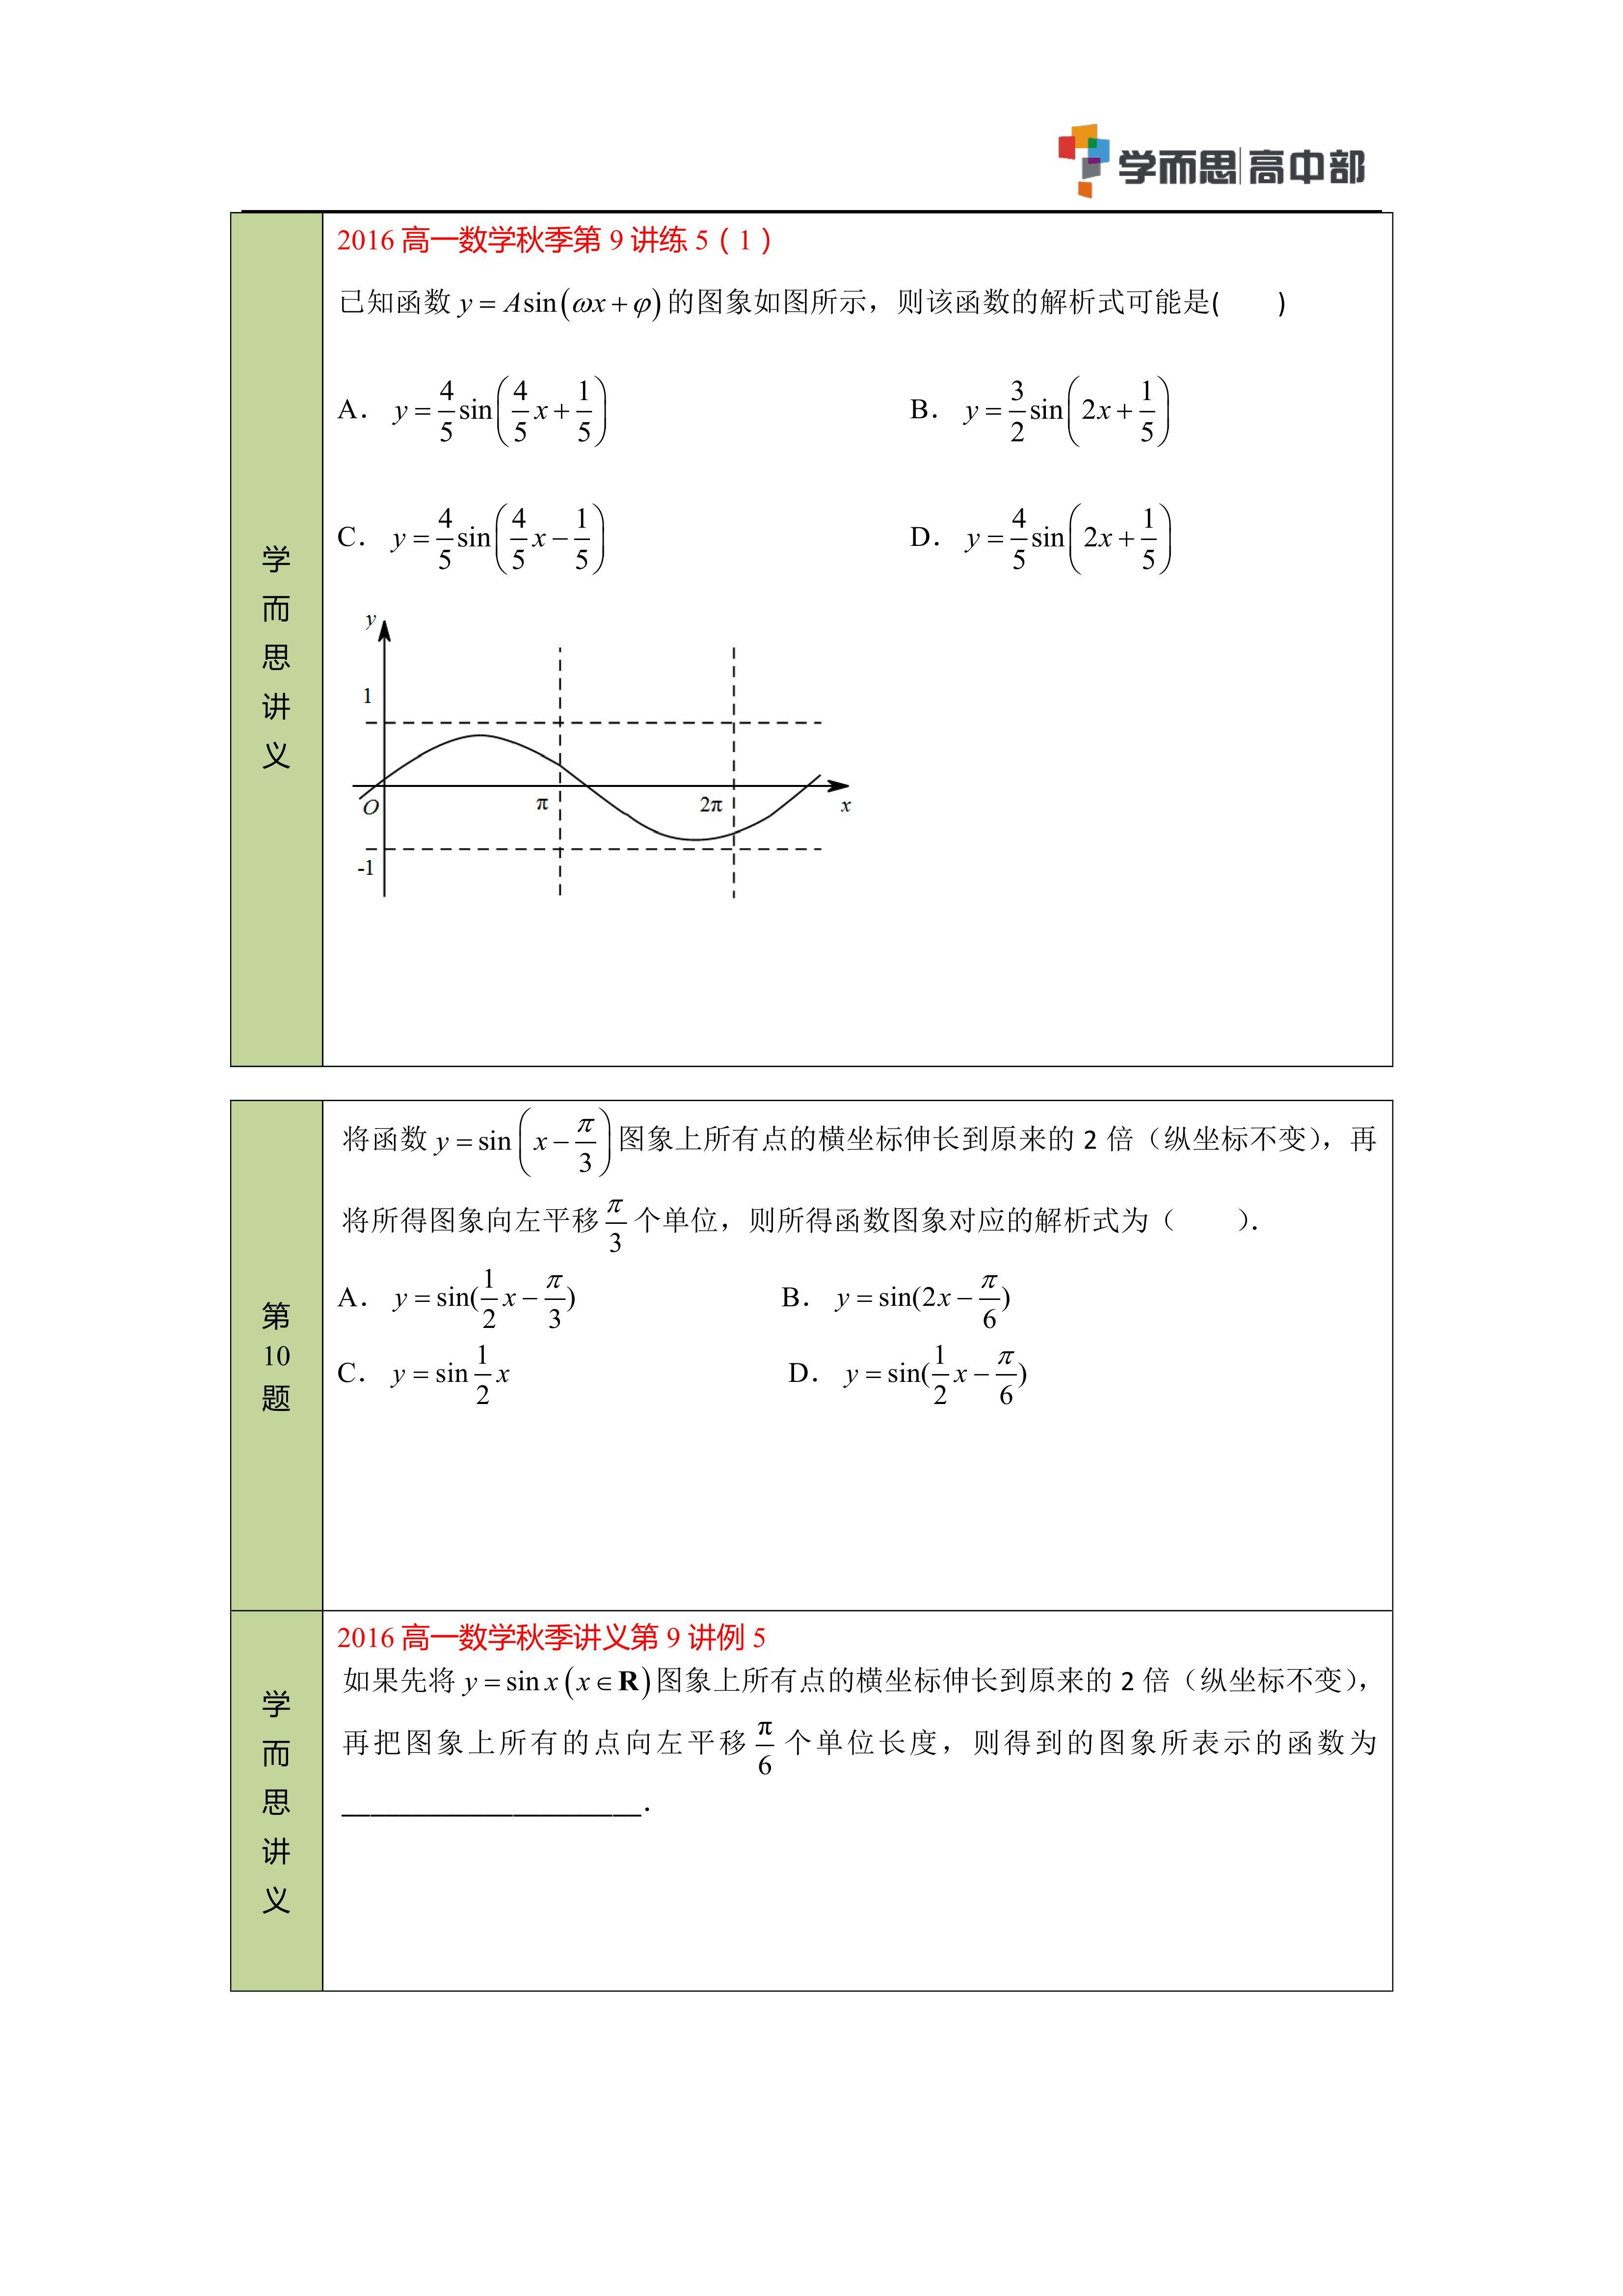 2016-2017学年武汉二中上学期期末数学试卷剖析0002.jpg